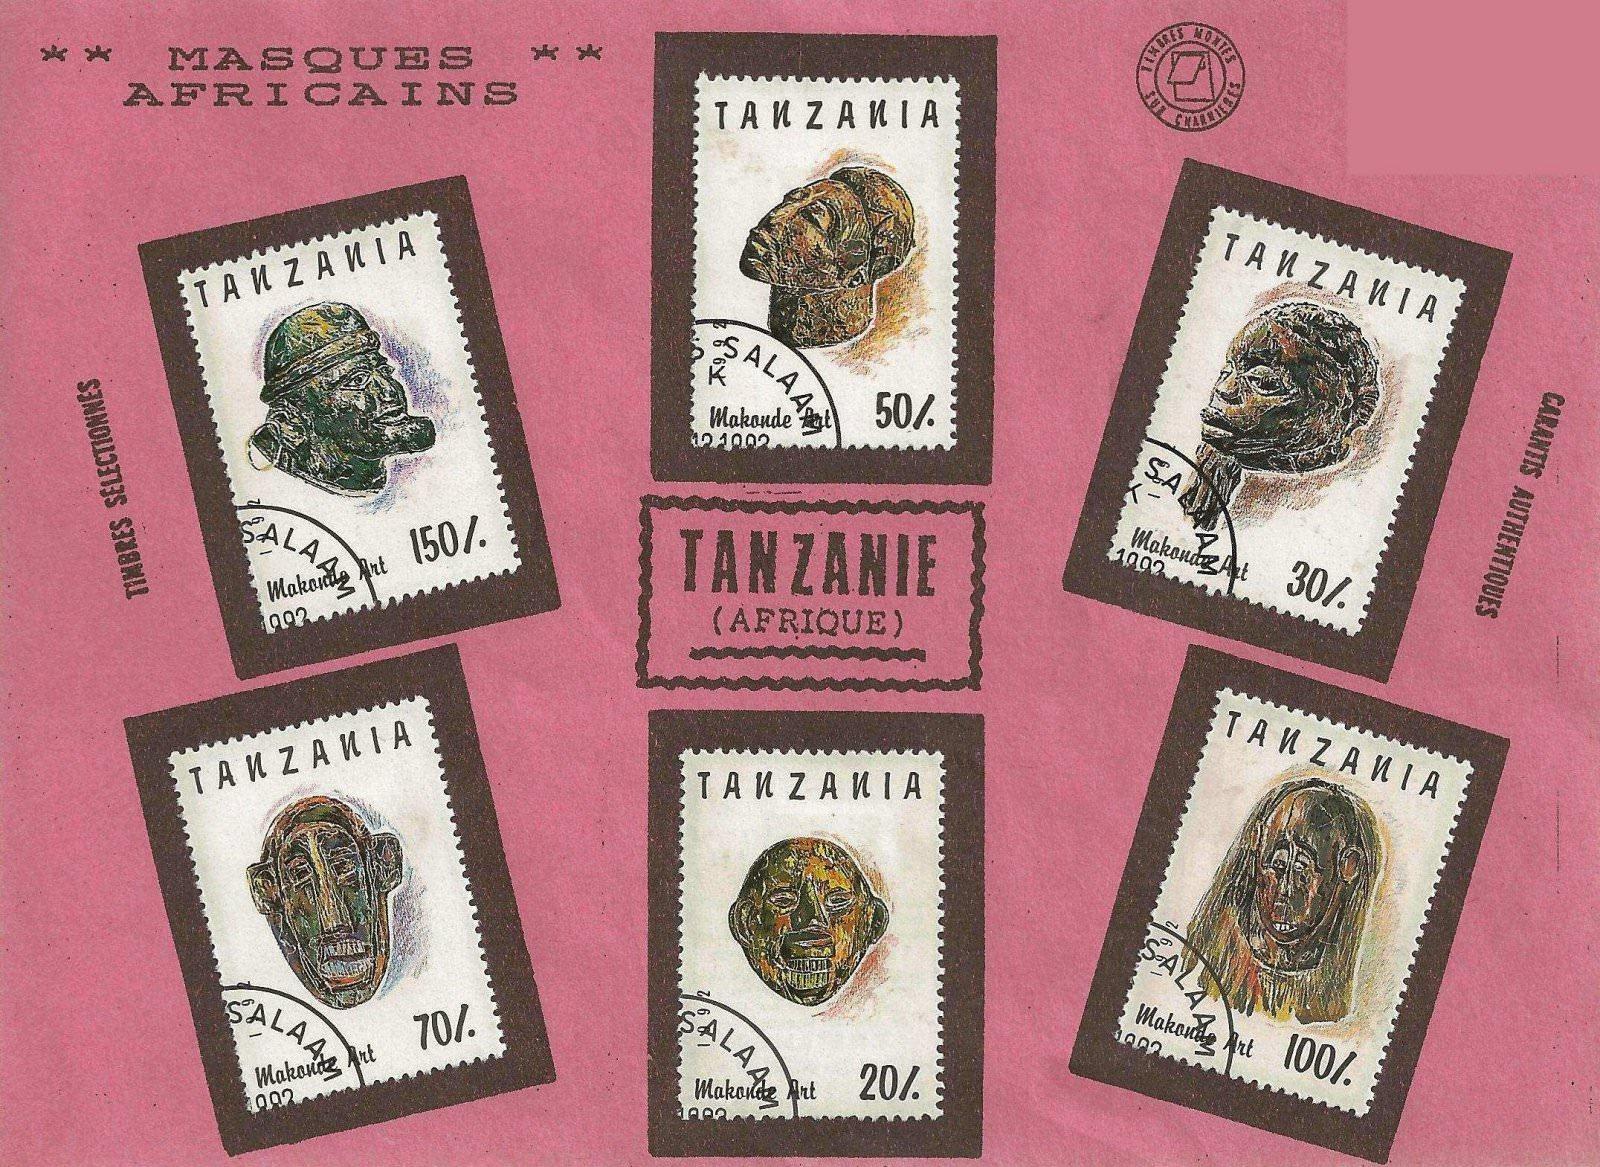 MASQUES TANZANIE